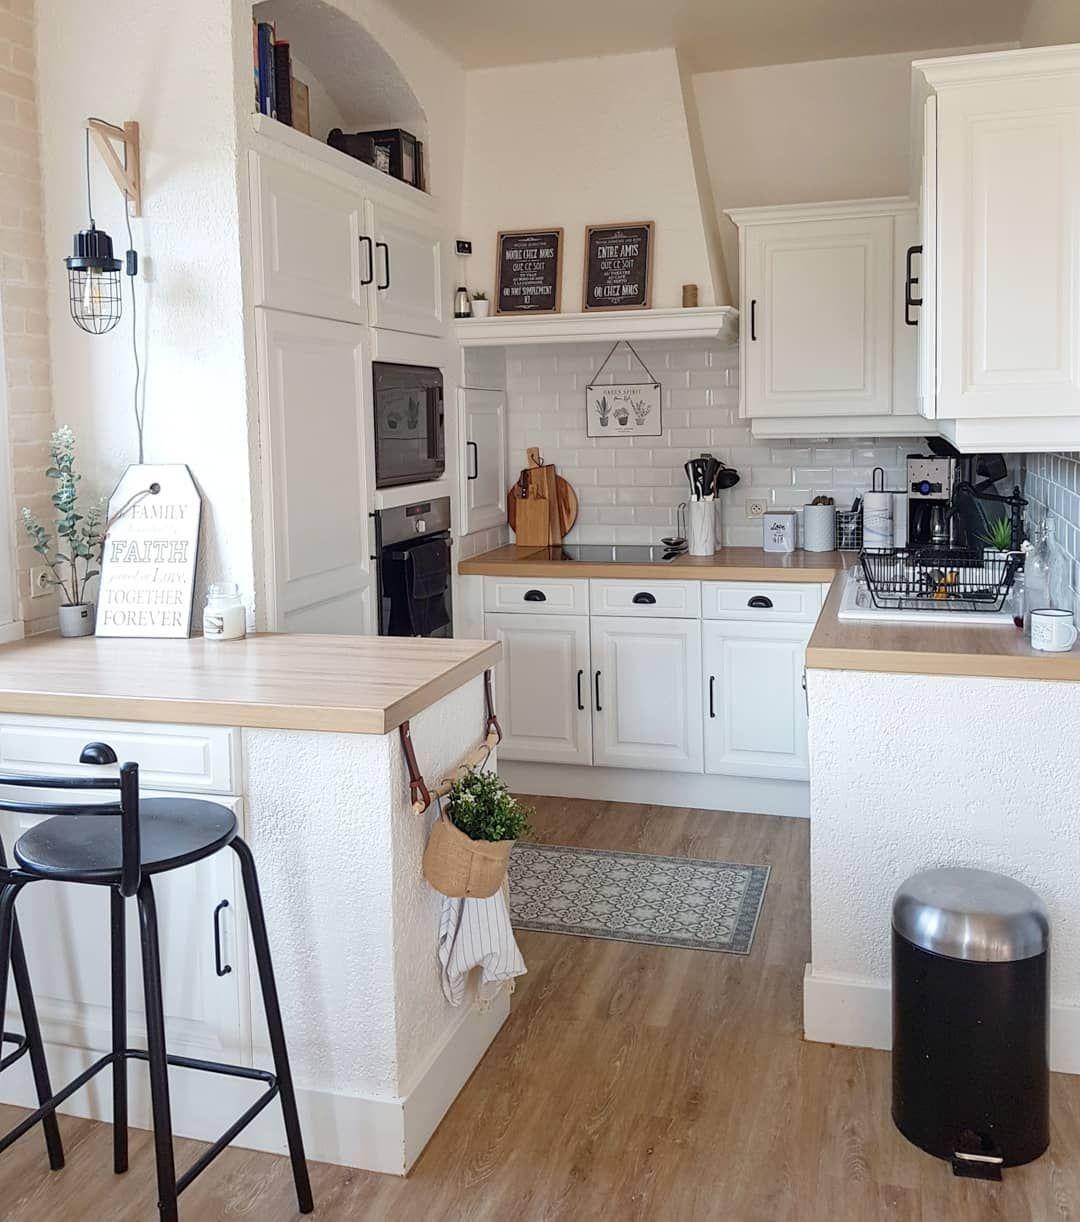 Un avant apres pour f ter la semaine de la non cuisine - Photo maison renovee avant apres ...